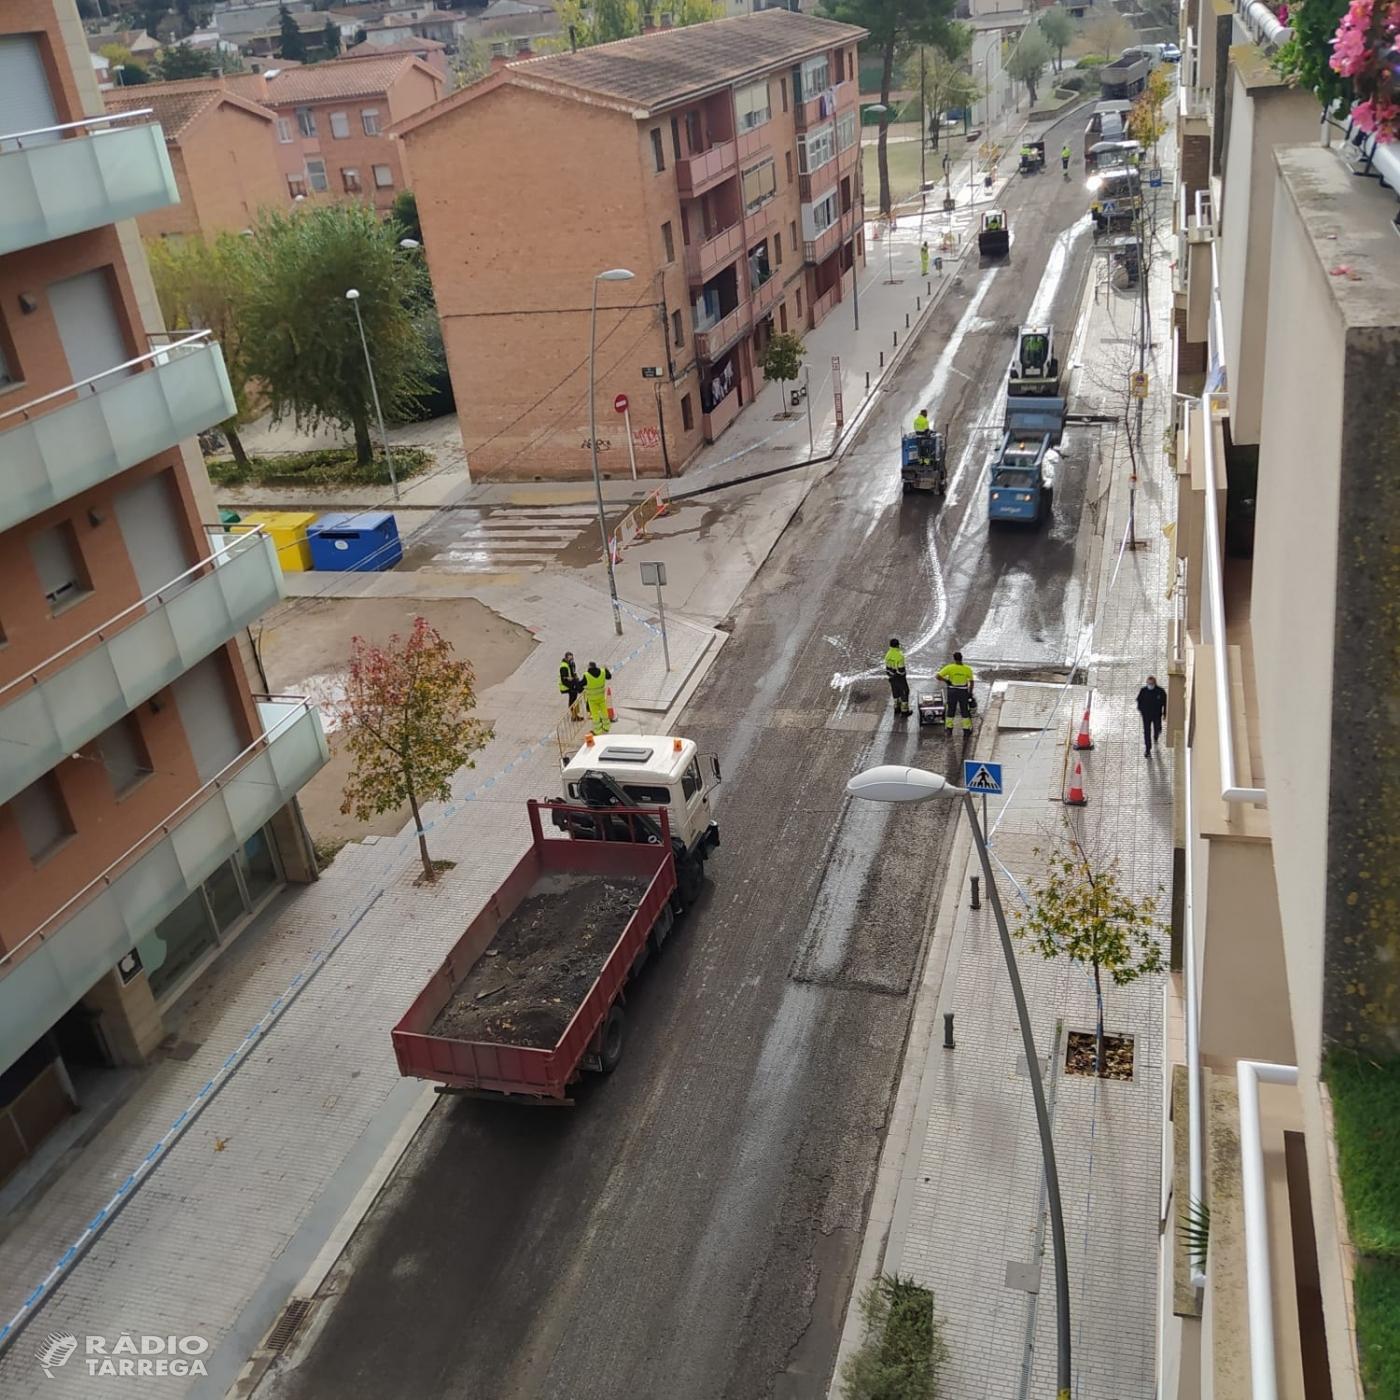 L'Ajuntament de Tàrrega demanarà a ADIF que repari el tram de C-14 de la seva competència